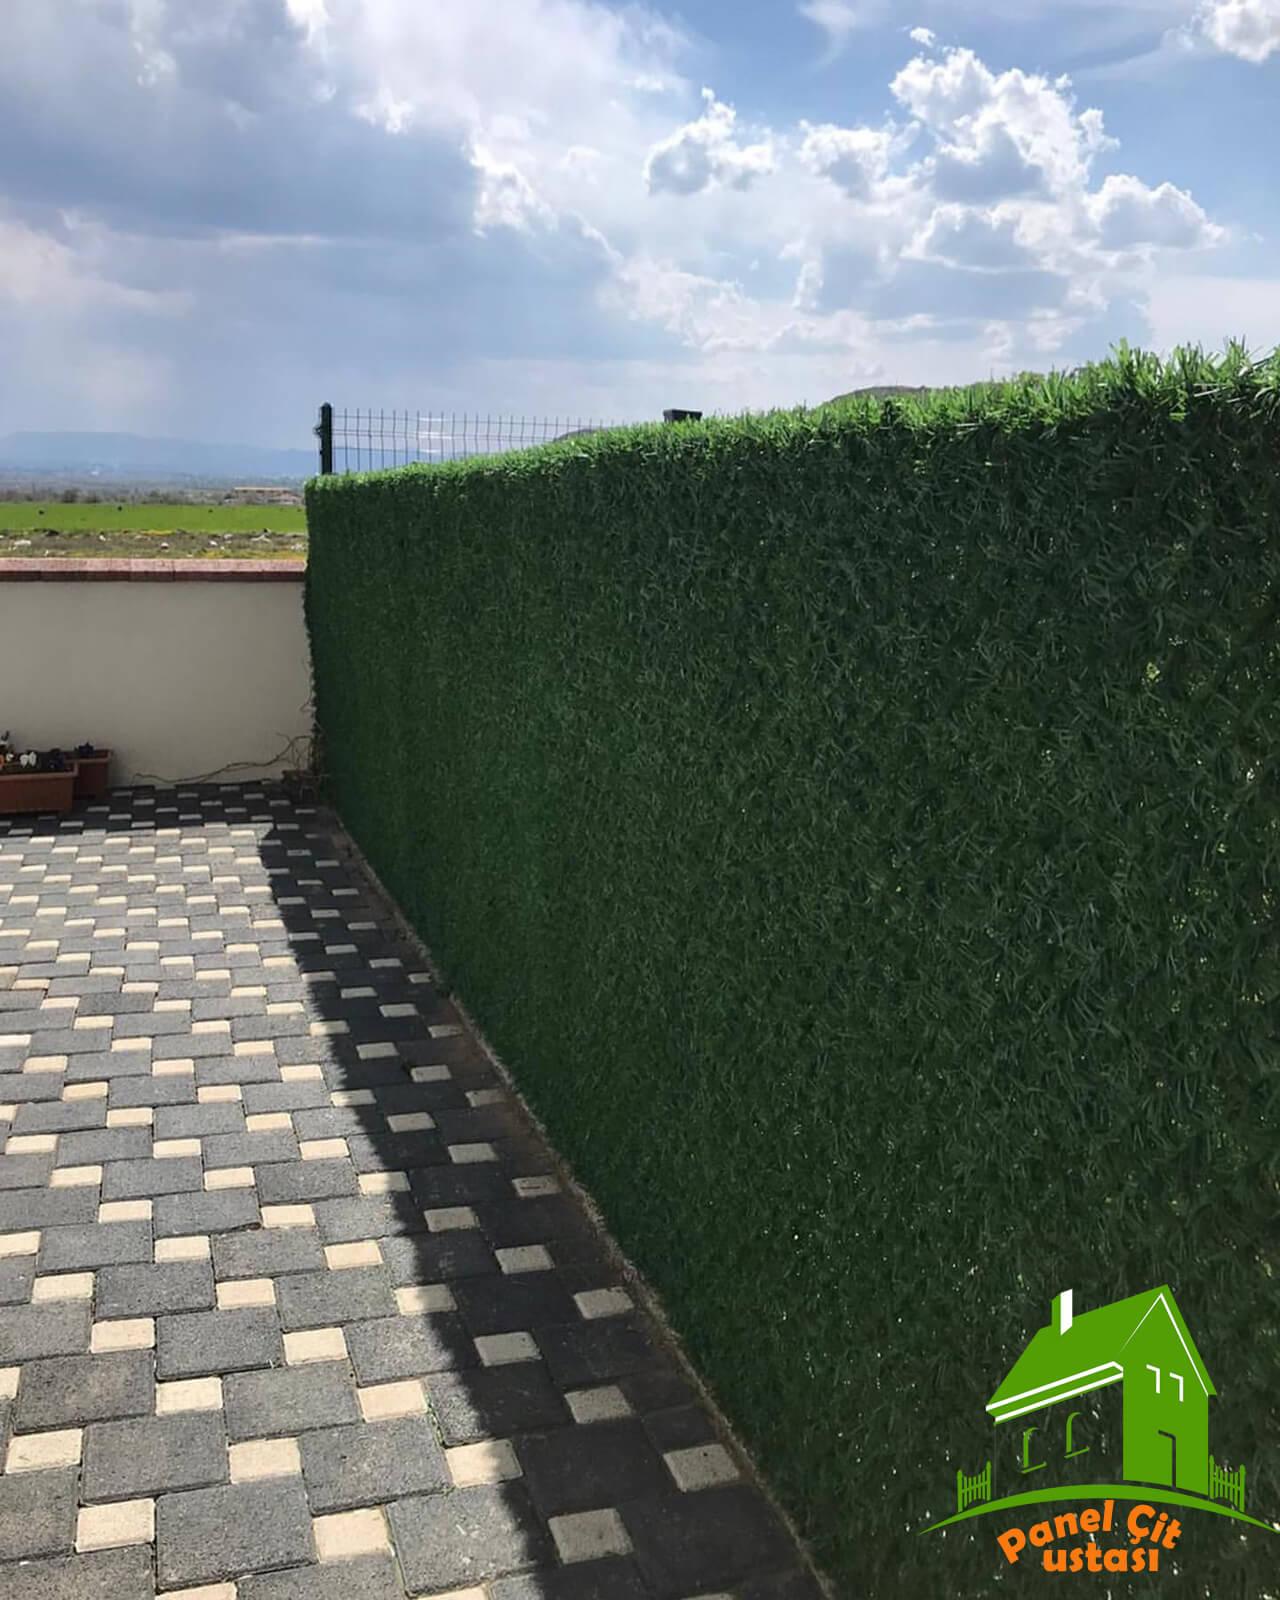 bahçe etrafına çit fiyatları